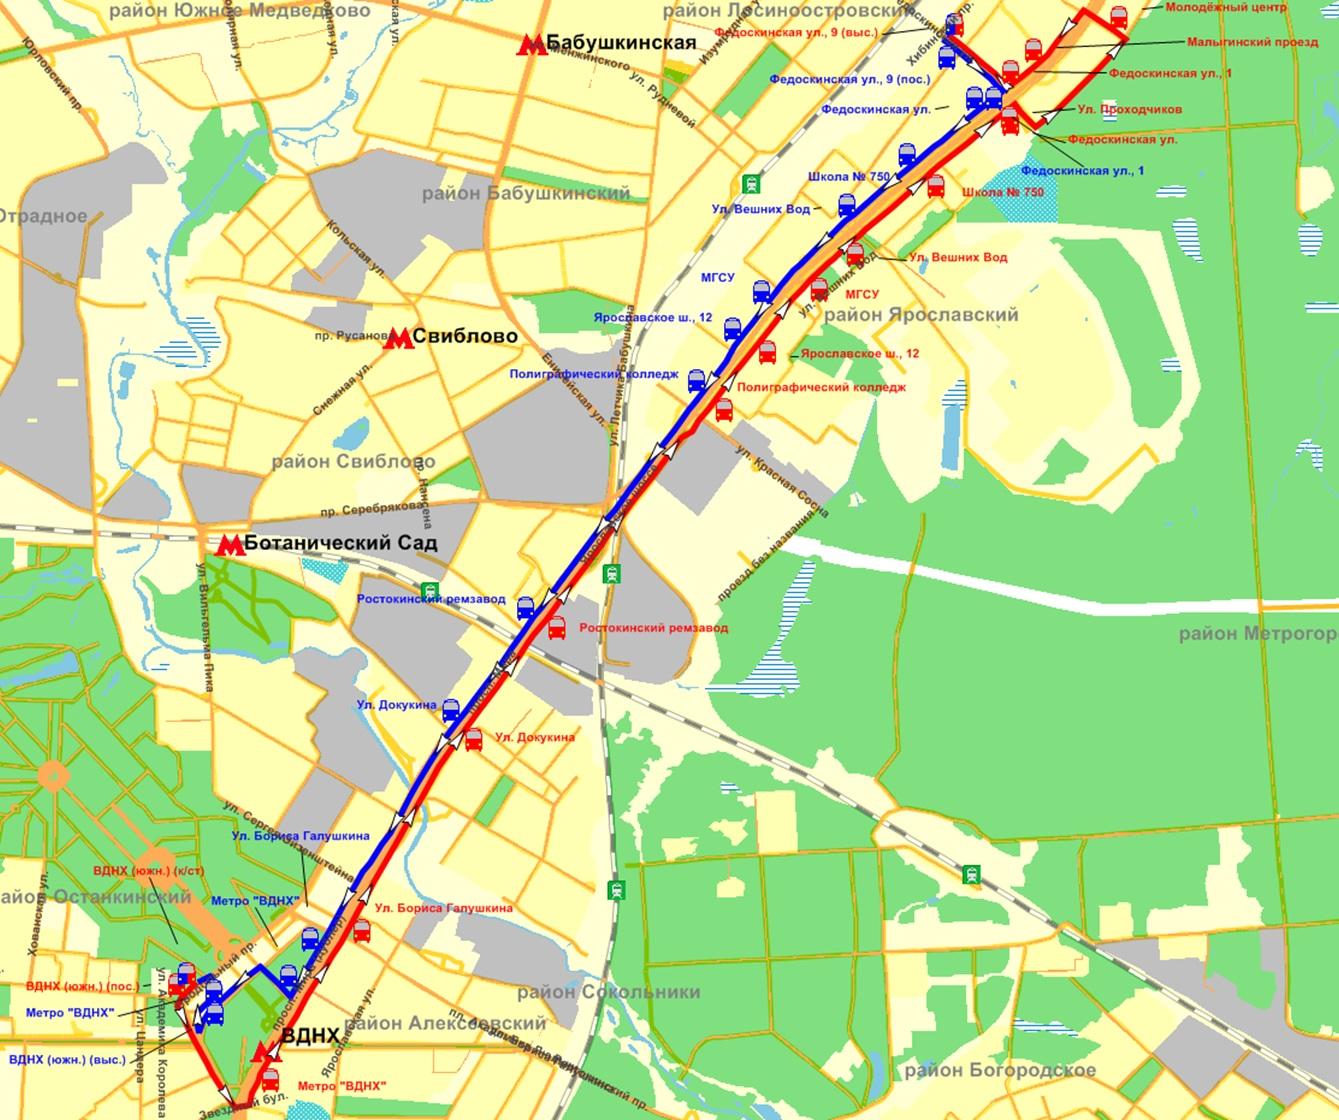 схема проезда с павелецкого вокзала в тушино на метро